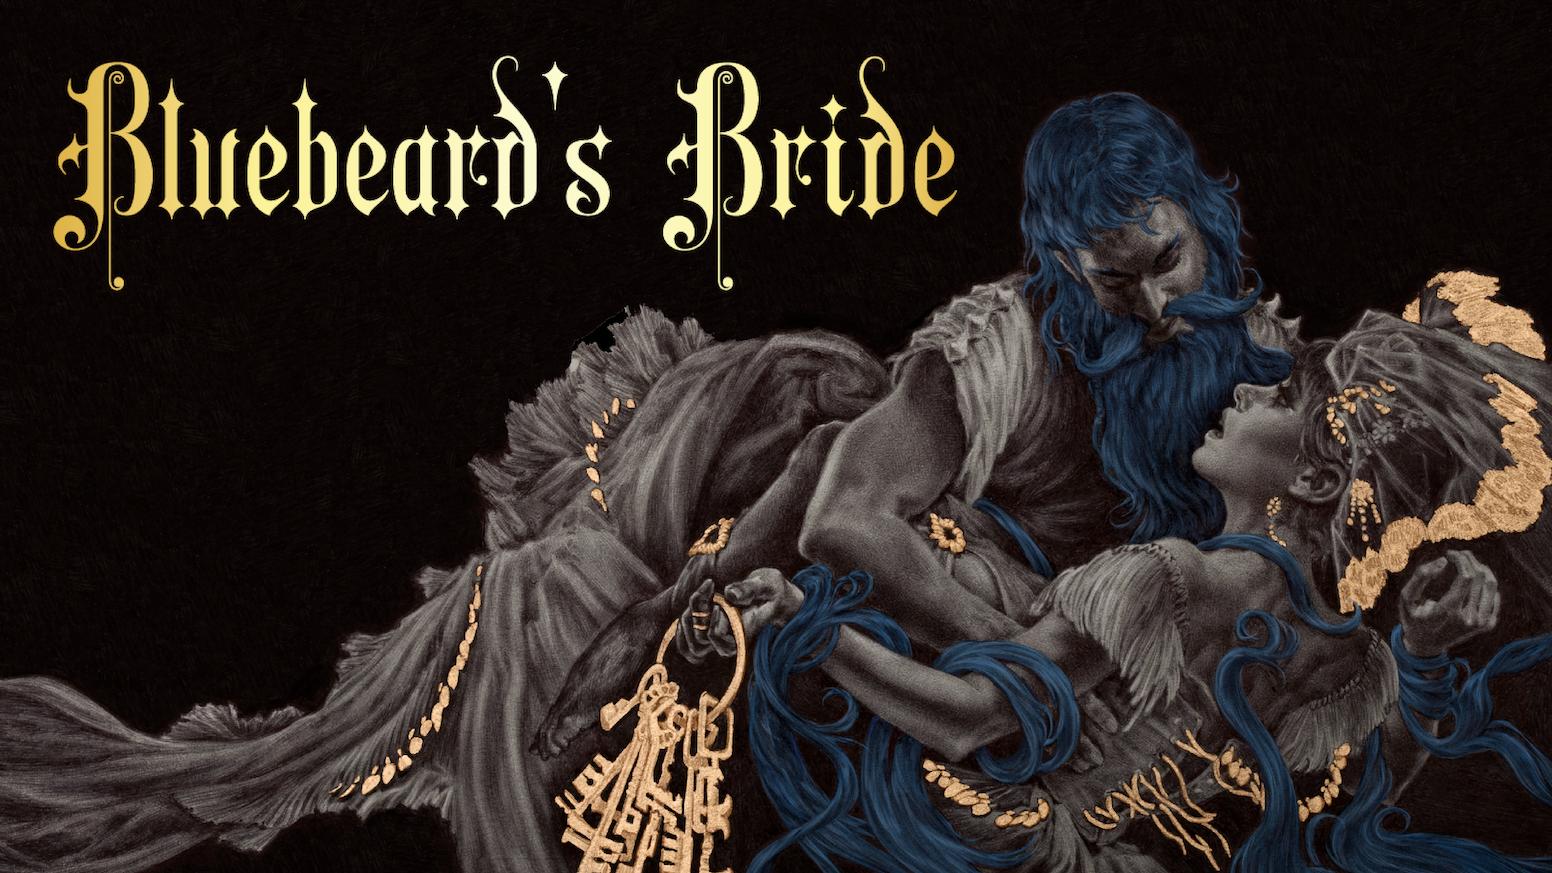 Bluebeard's Bride by Marissa Kelly — Kickstarter